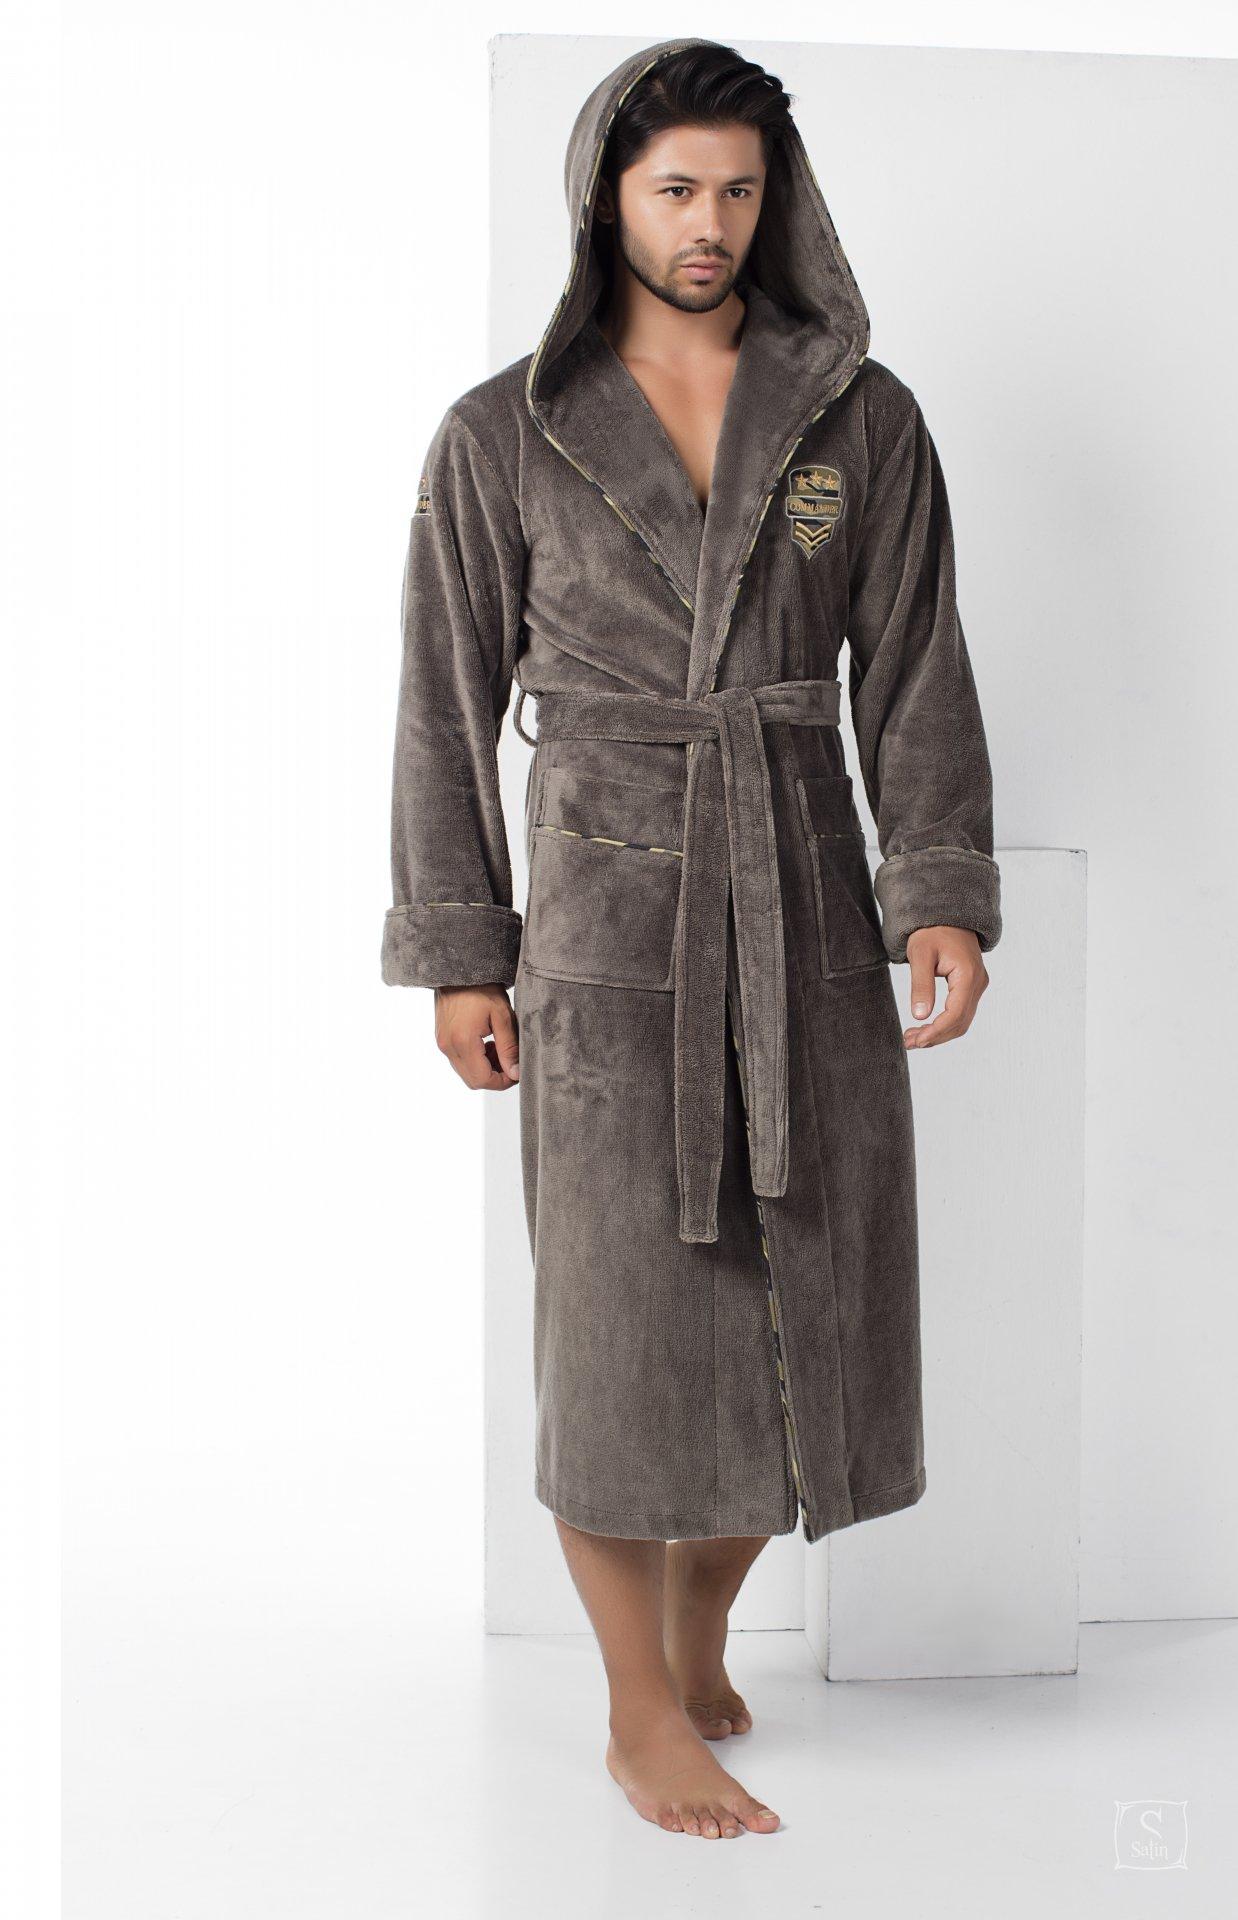 fbfad23486b4 Купить Халат мужской махровый Nusa. ns 2870 хаки — лучшая цена в ...